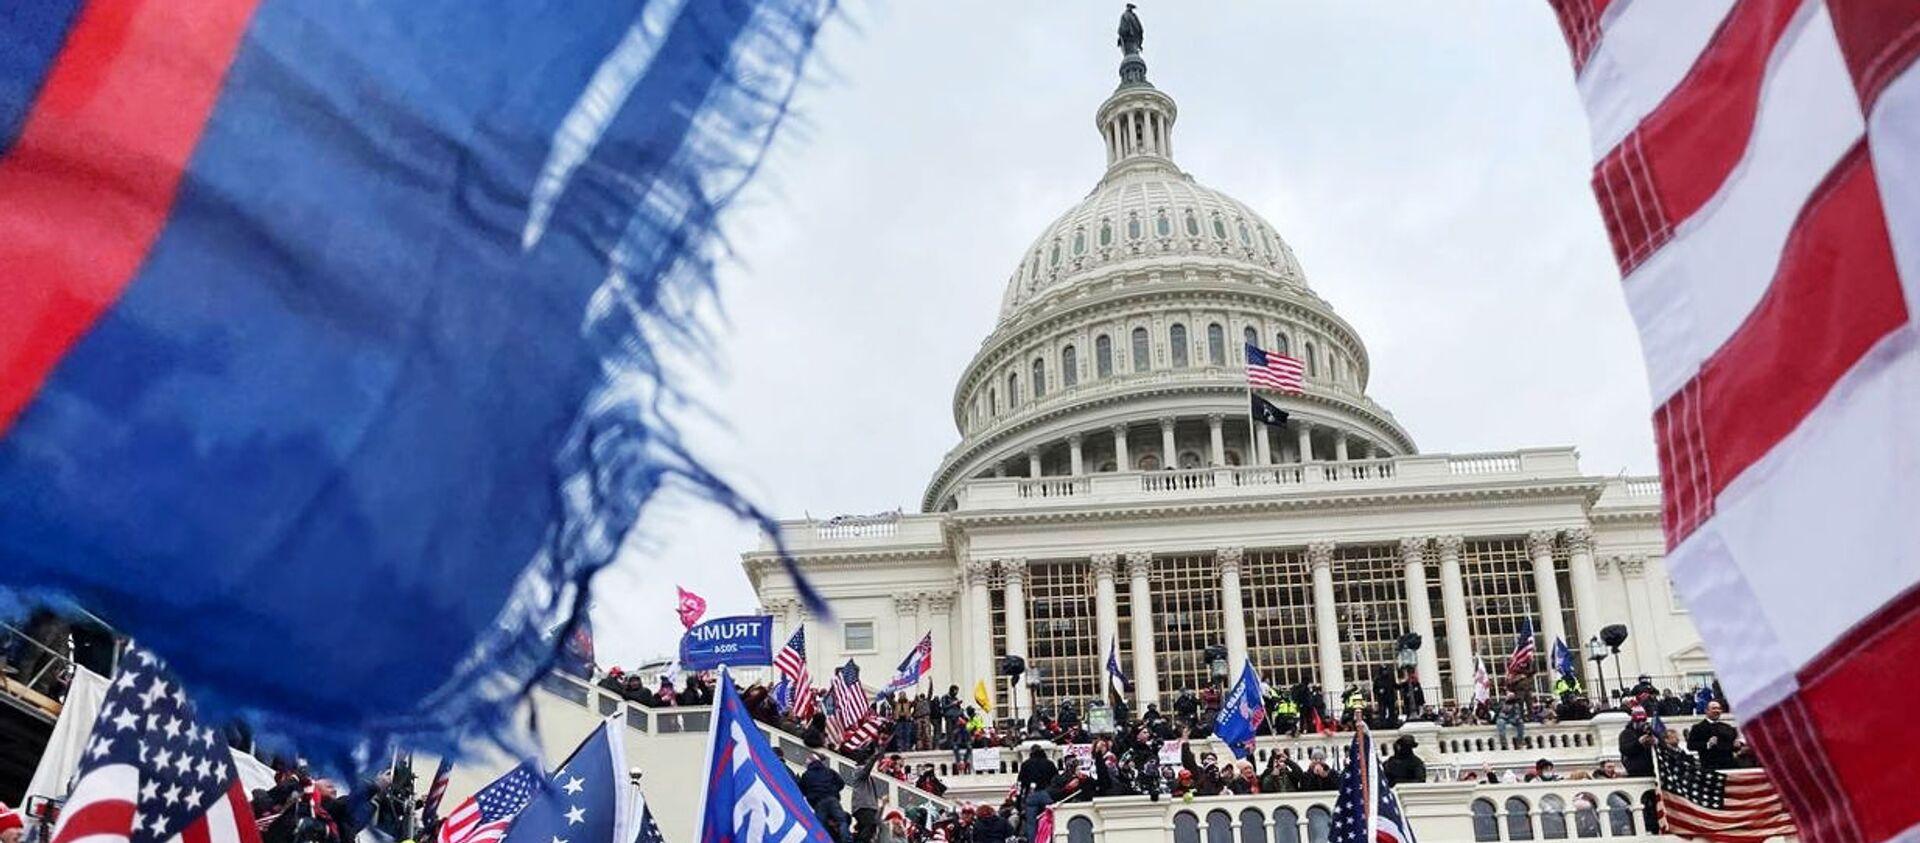 Здание конгресса в Вашингтоне - Sputnik Беларусь, 1920, 23.04.2021